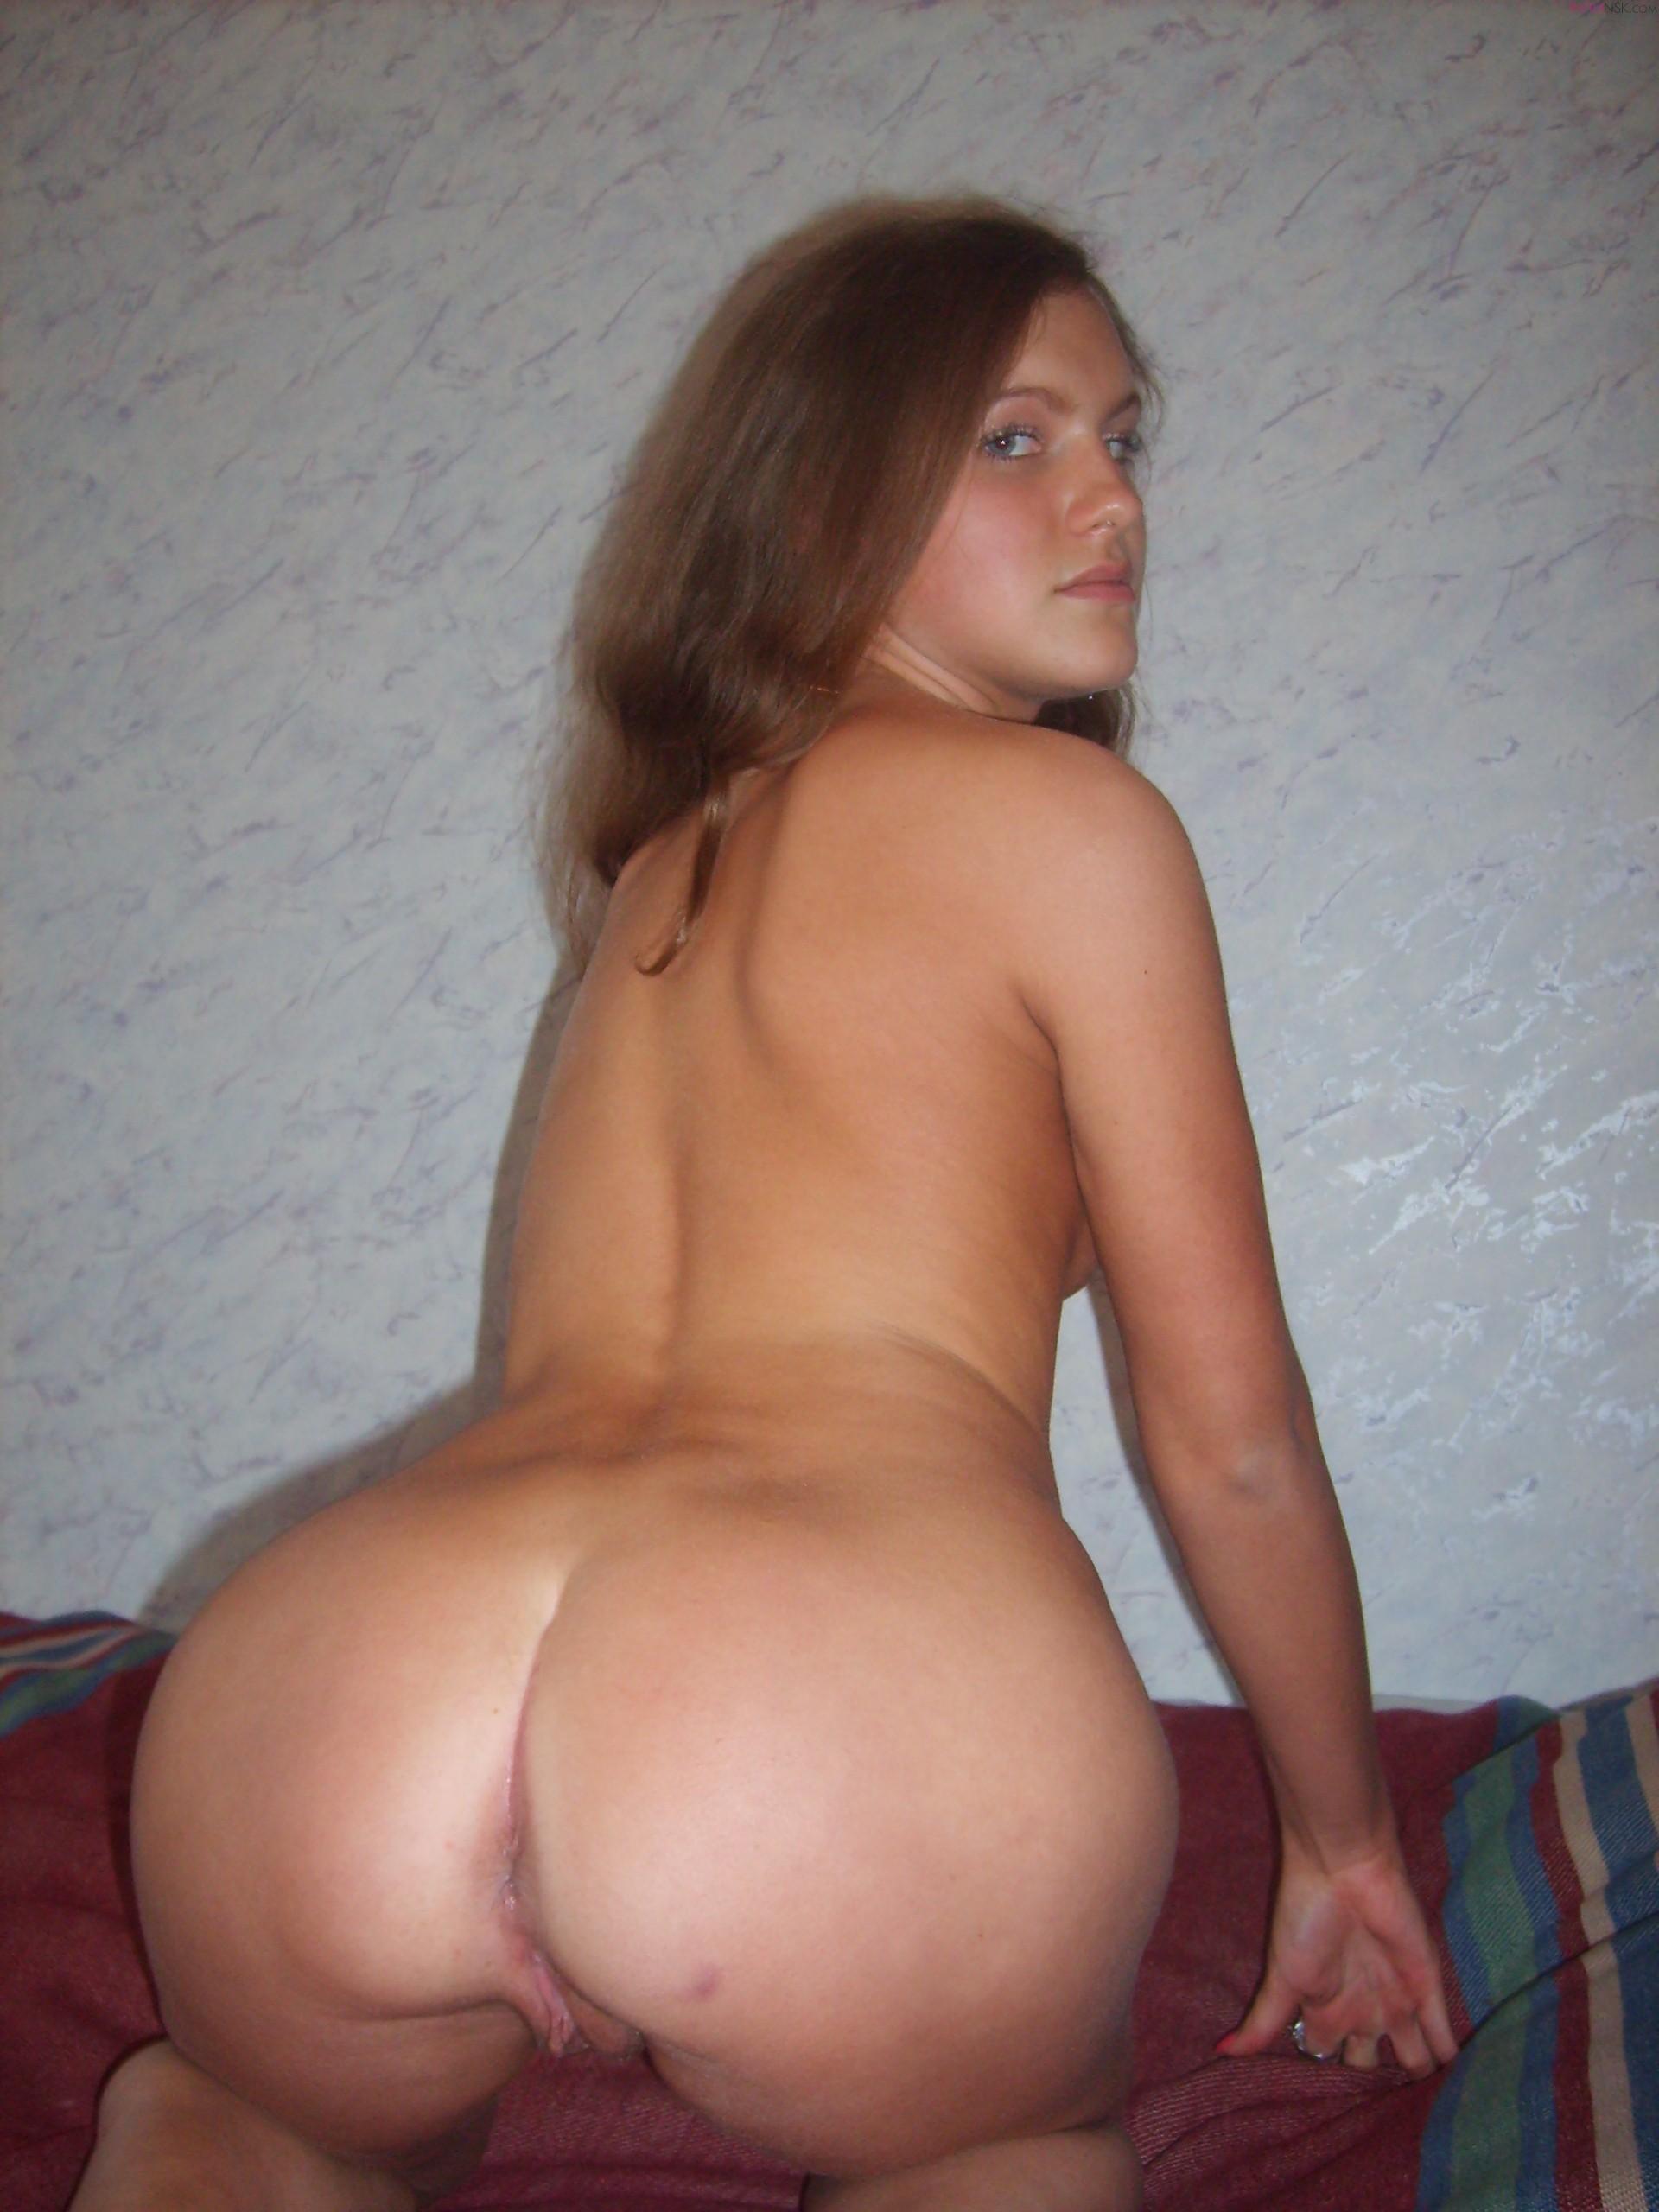 svensk amatør porno ssbbw porn